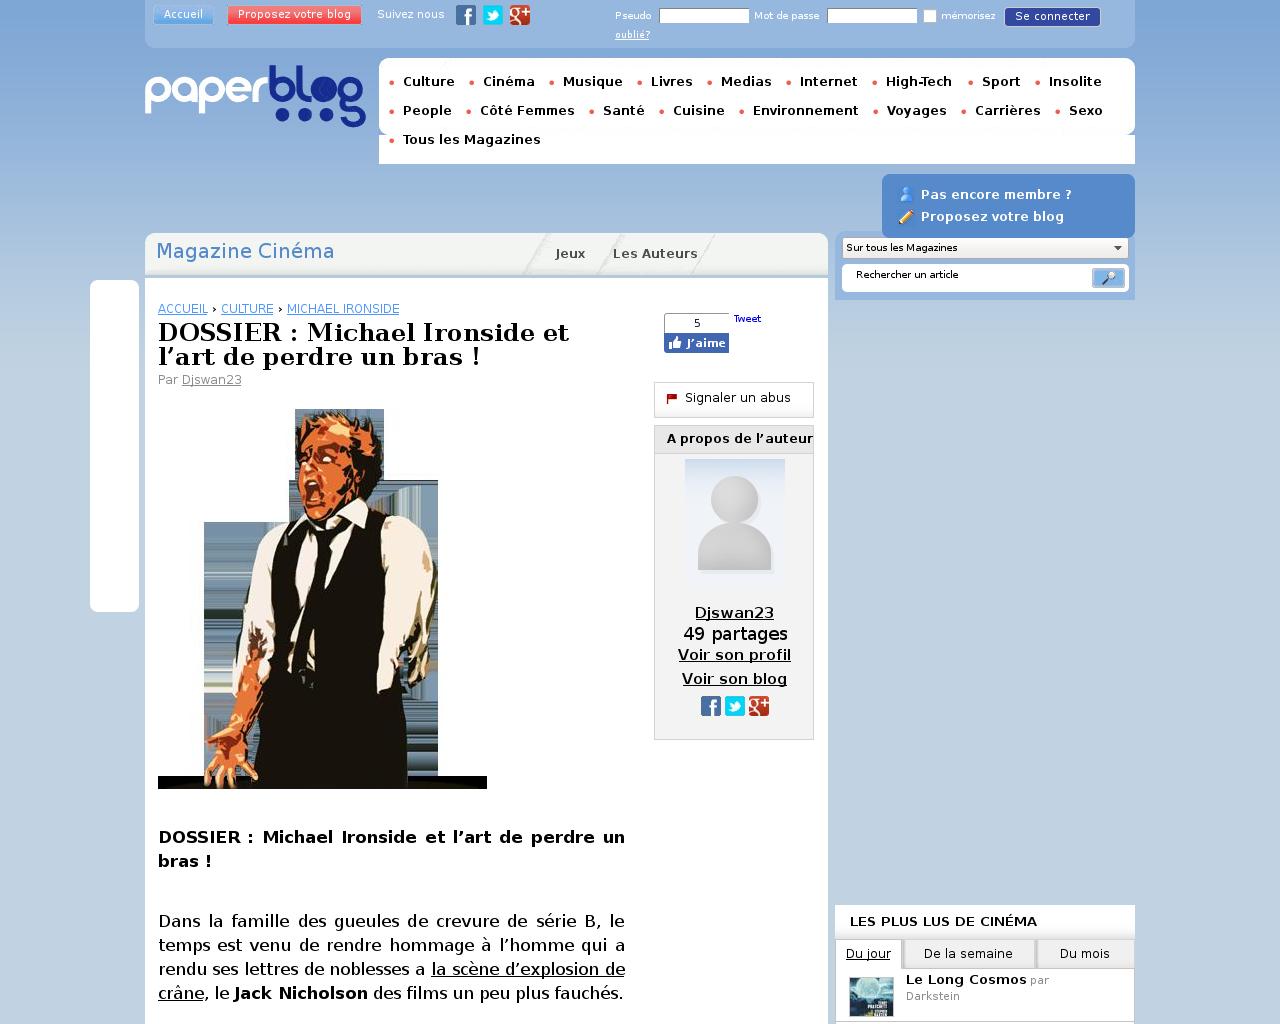 Michael Ironside est dans l annuaire des célébrités Michael.fr 6f637c55c99